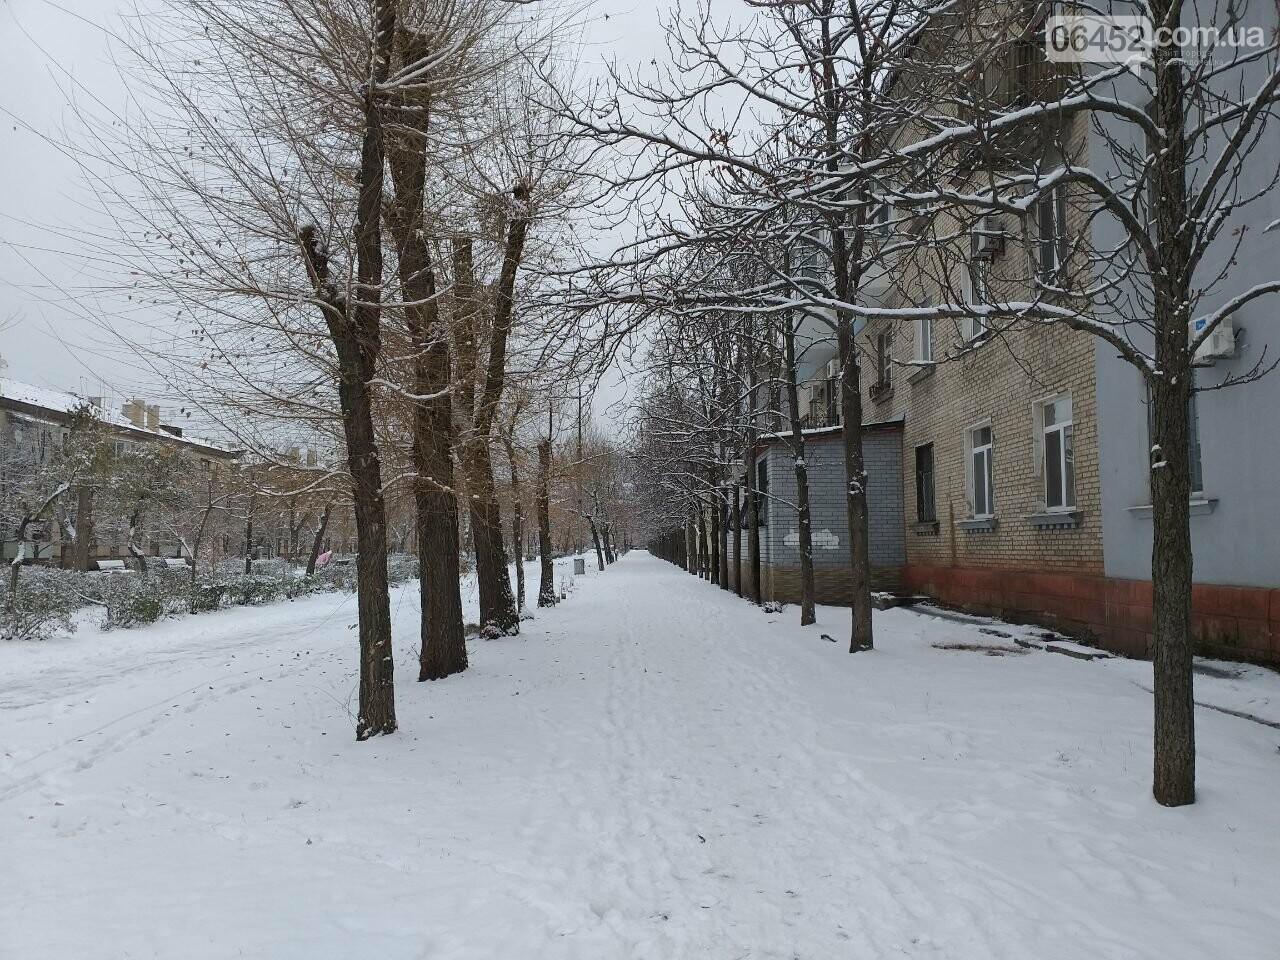 Заснеженный город: в Северодонецк пришла настоящая зимняя сказка (фото) , фото-47